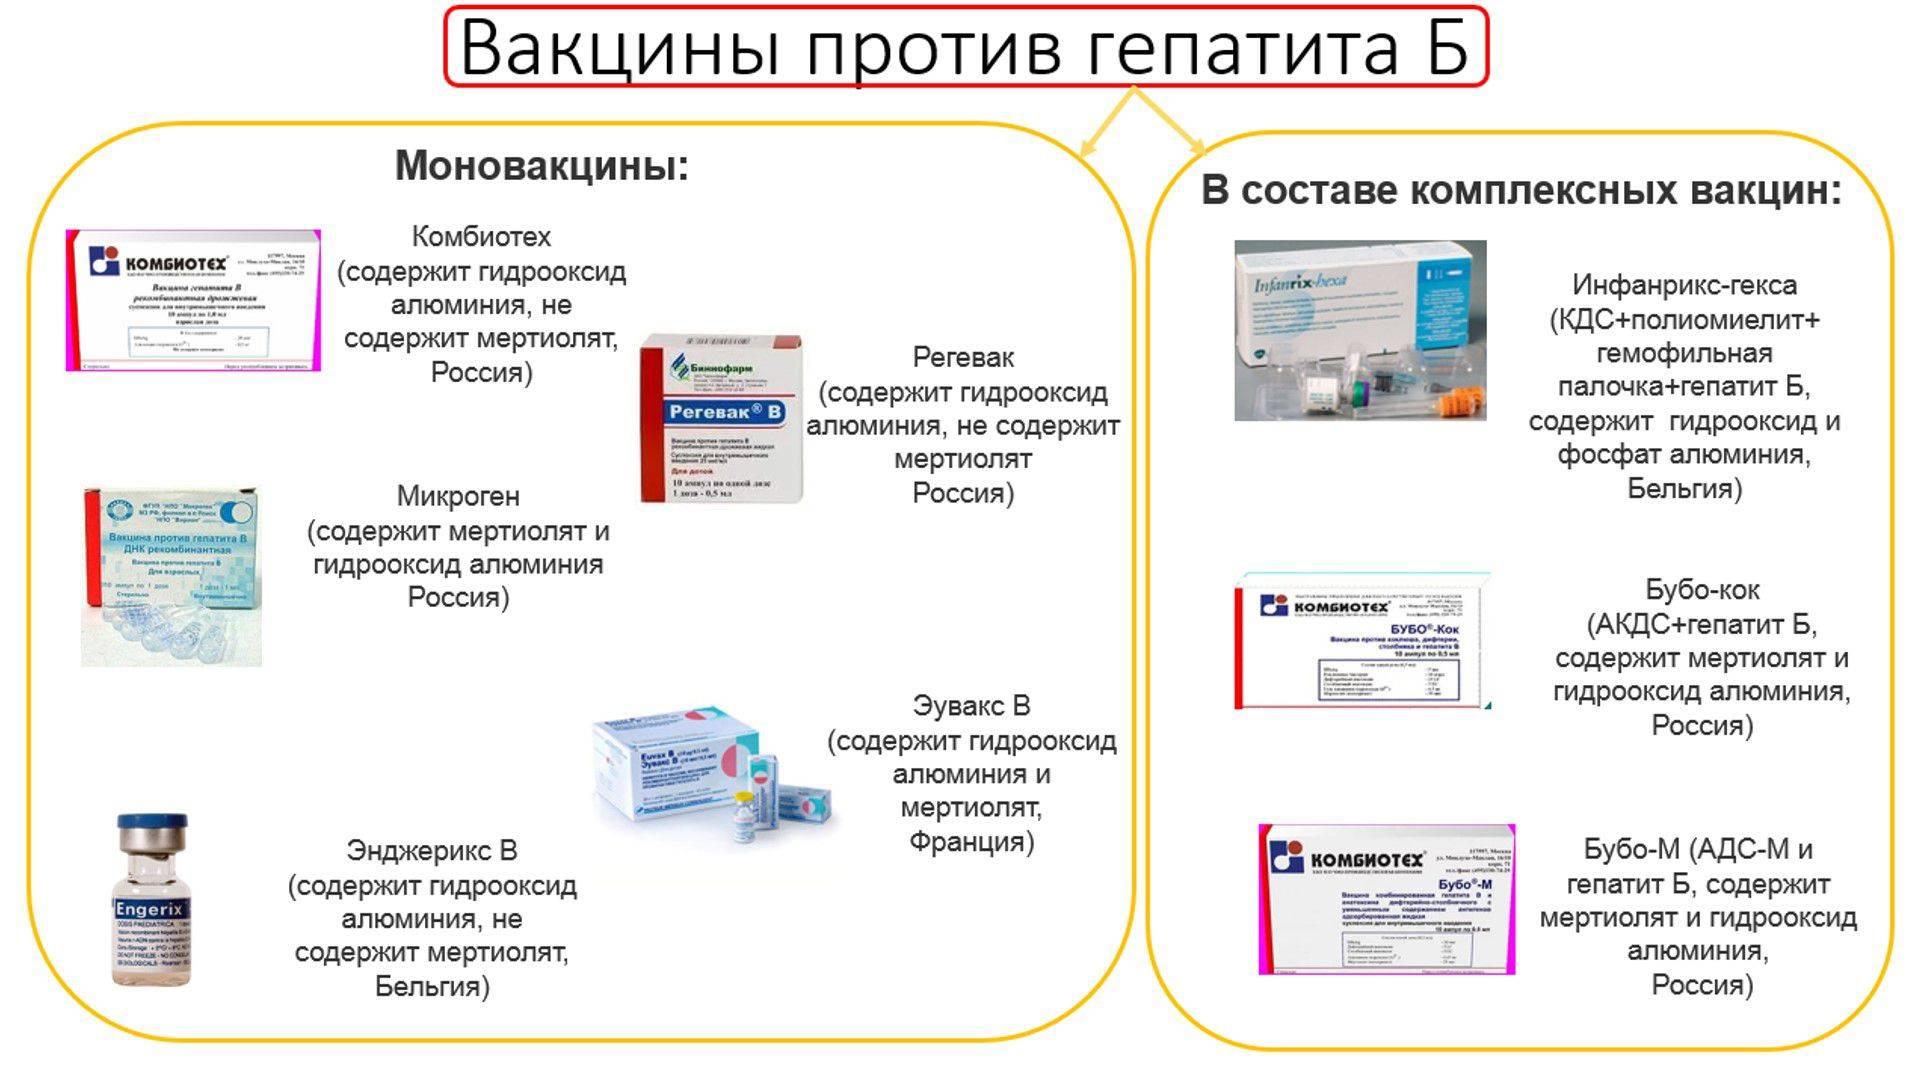 Прививки против гепатита а: график, инструкция, побочные эффекты